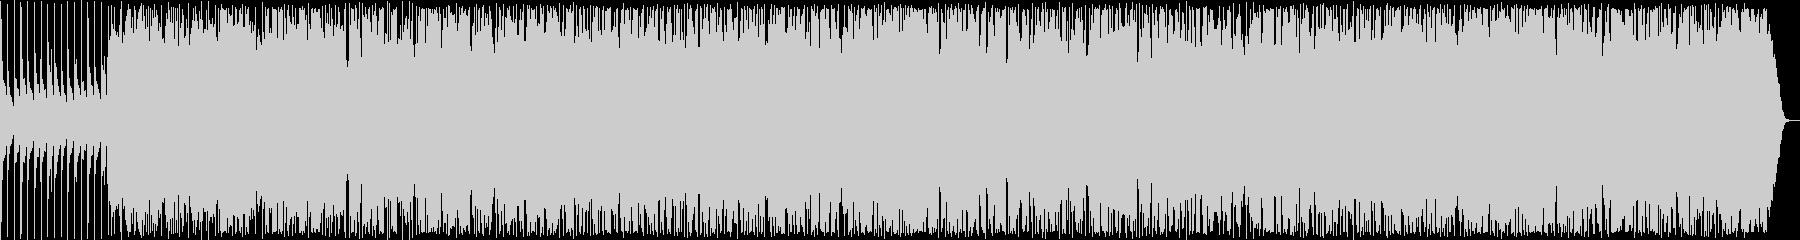 かぎやで風節 / 沖縄民謡の未再生の波形